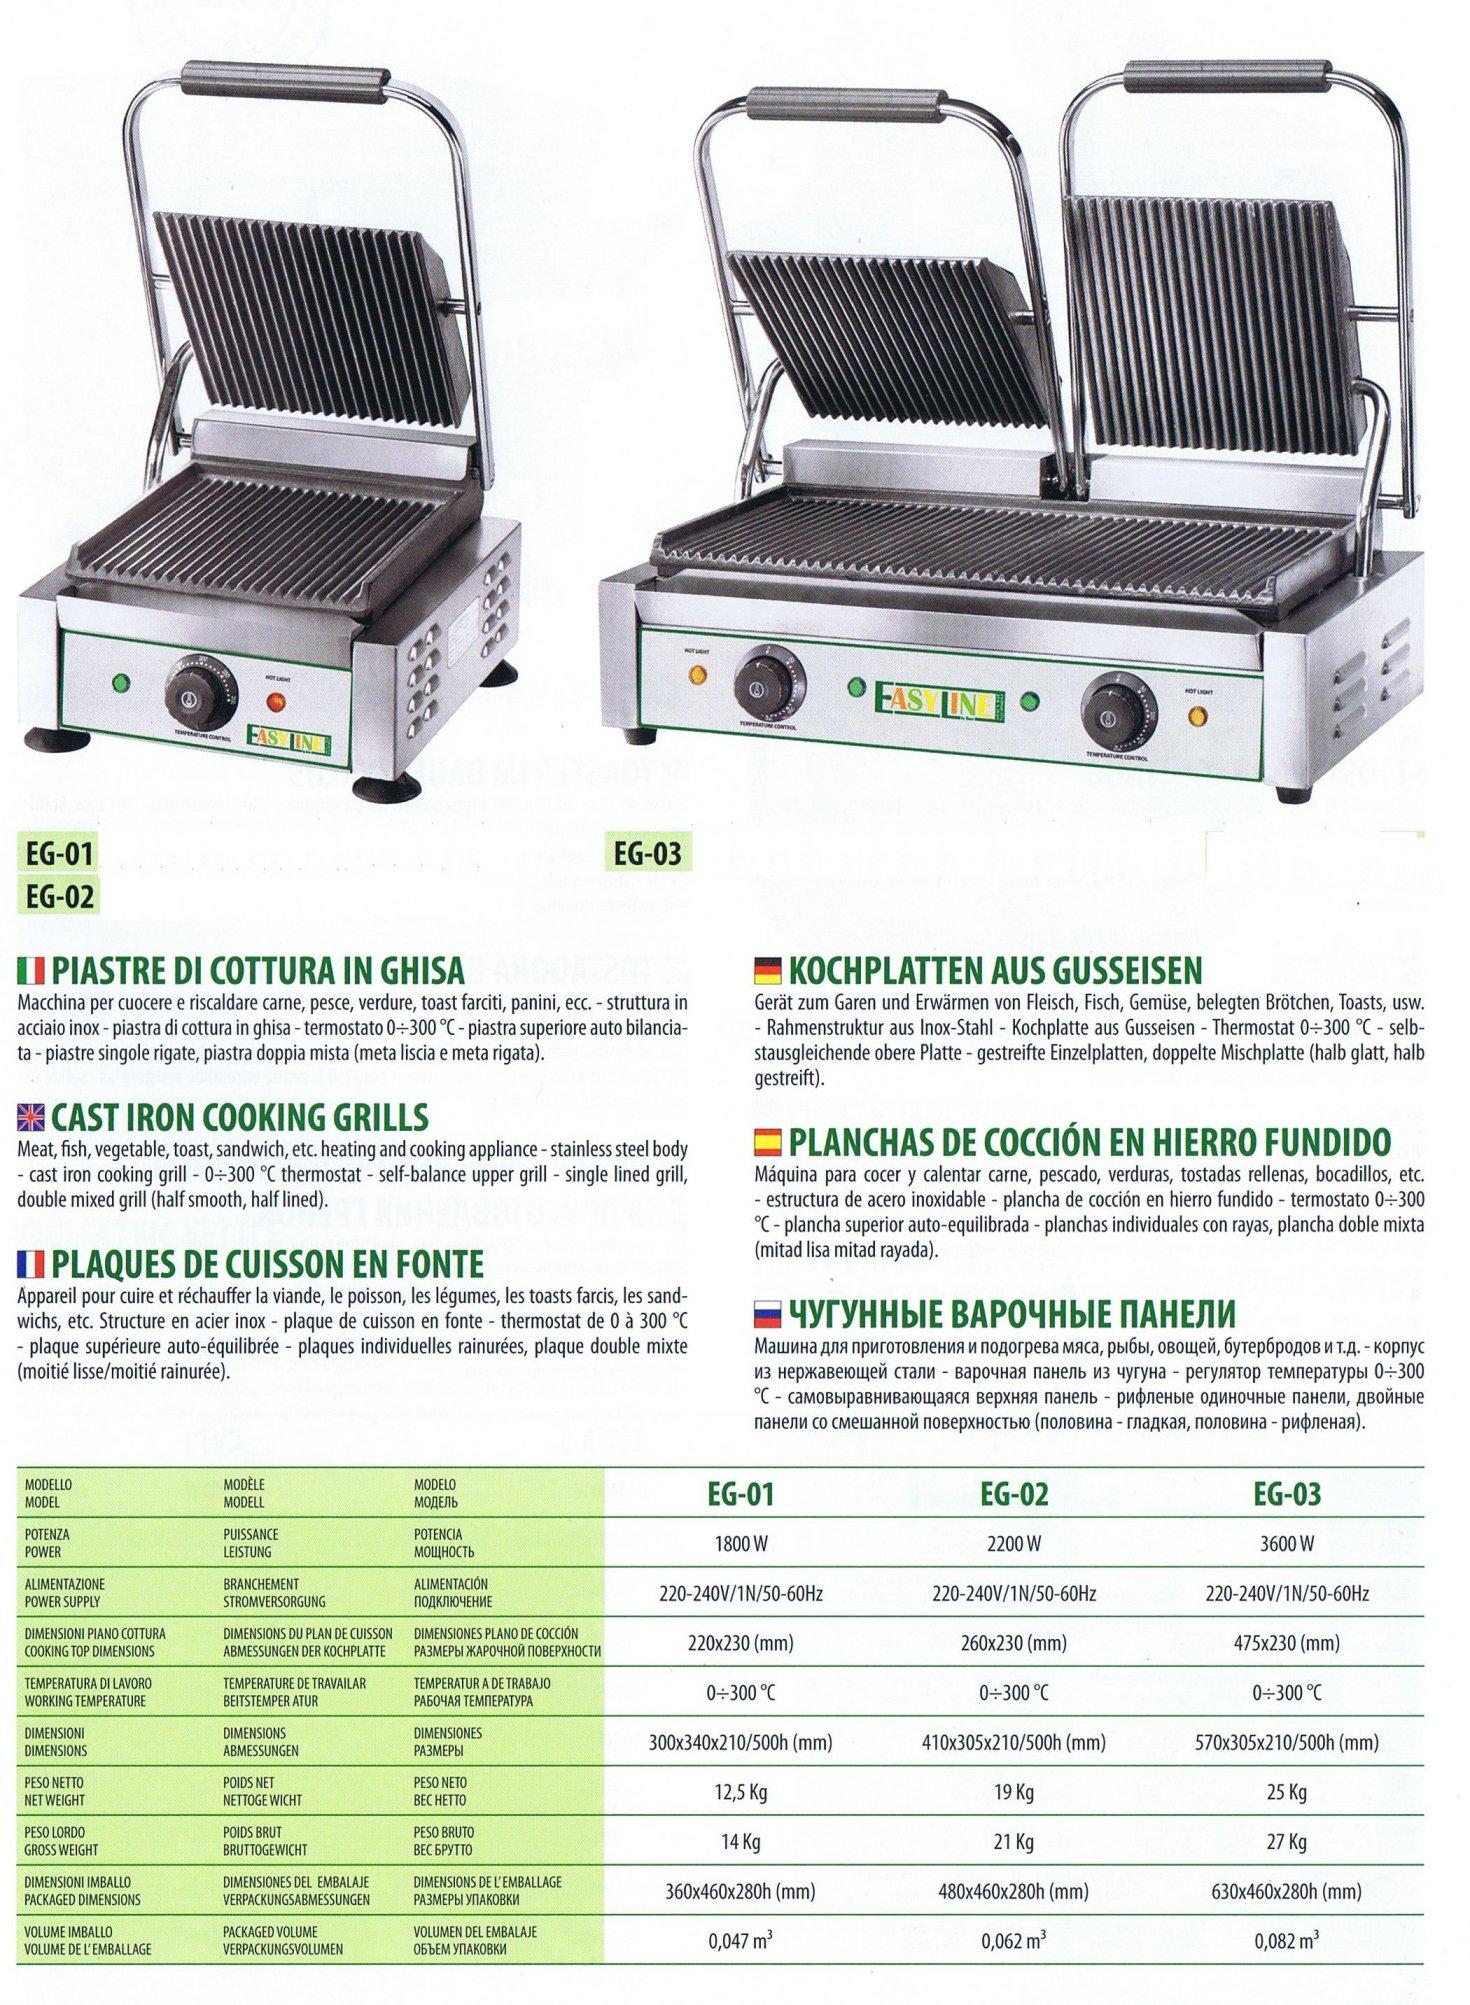 piastra in ghisa easy line fimar modello eg 03 macchina per cuocere e riscaldare carne pesce uova toast farciti panini ecc